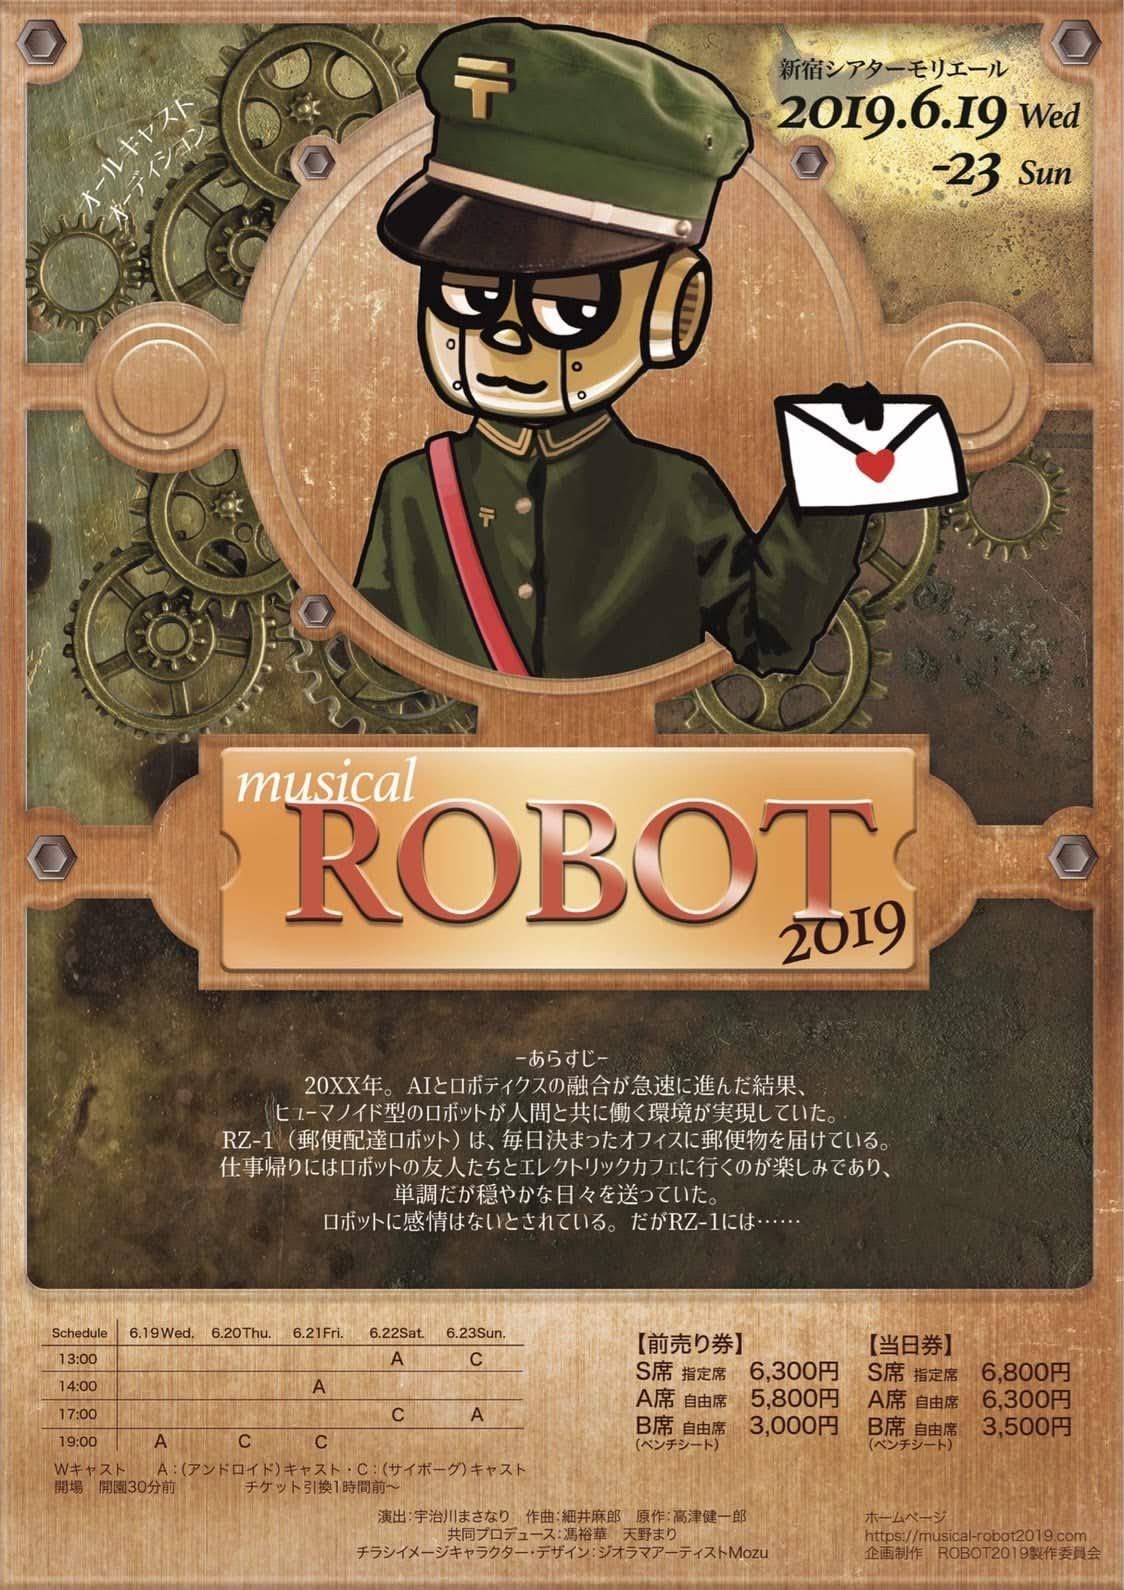 musical ROBOT 2019